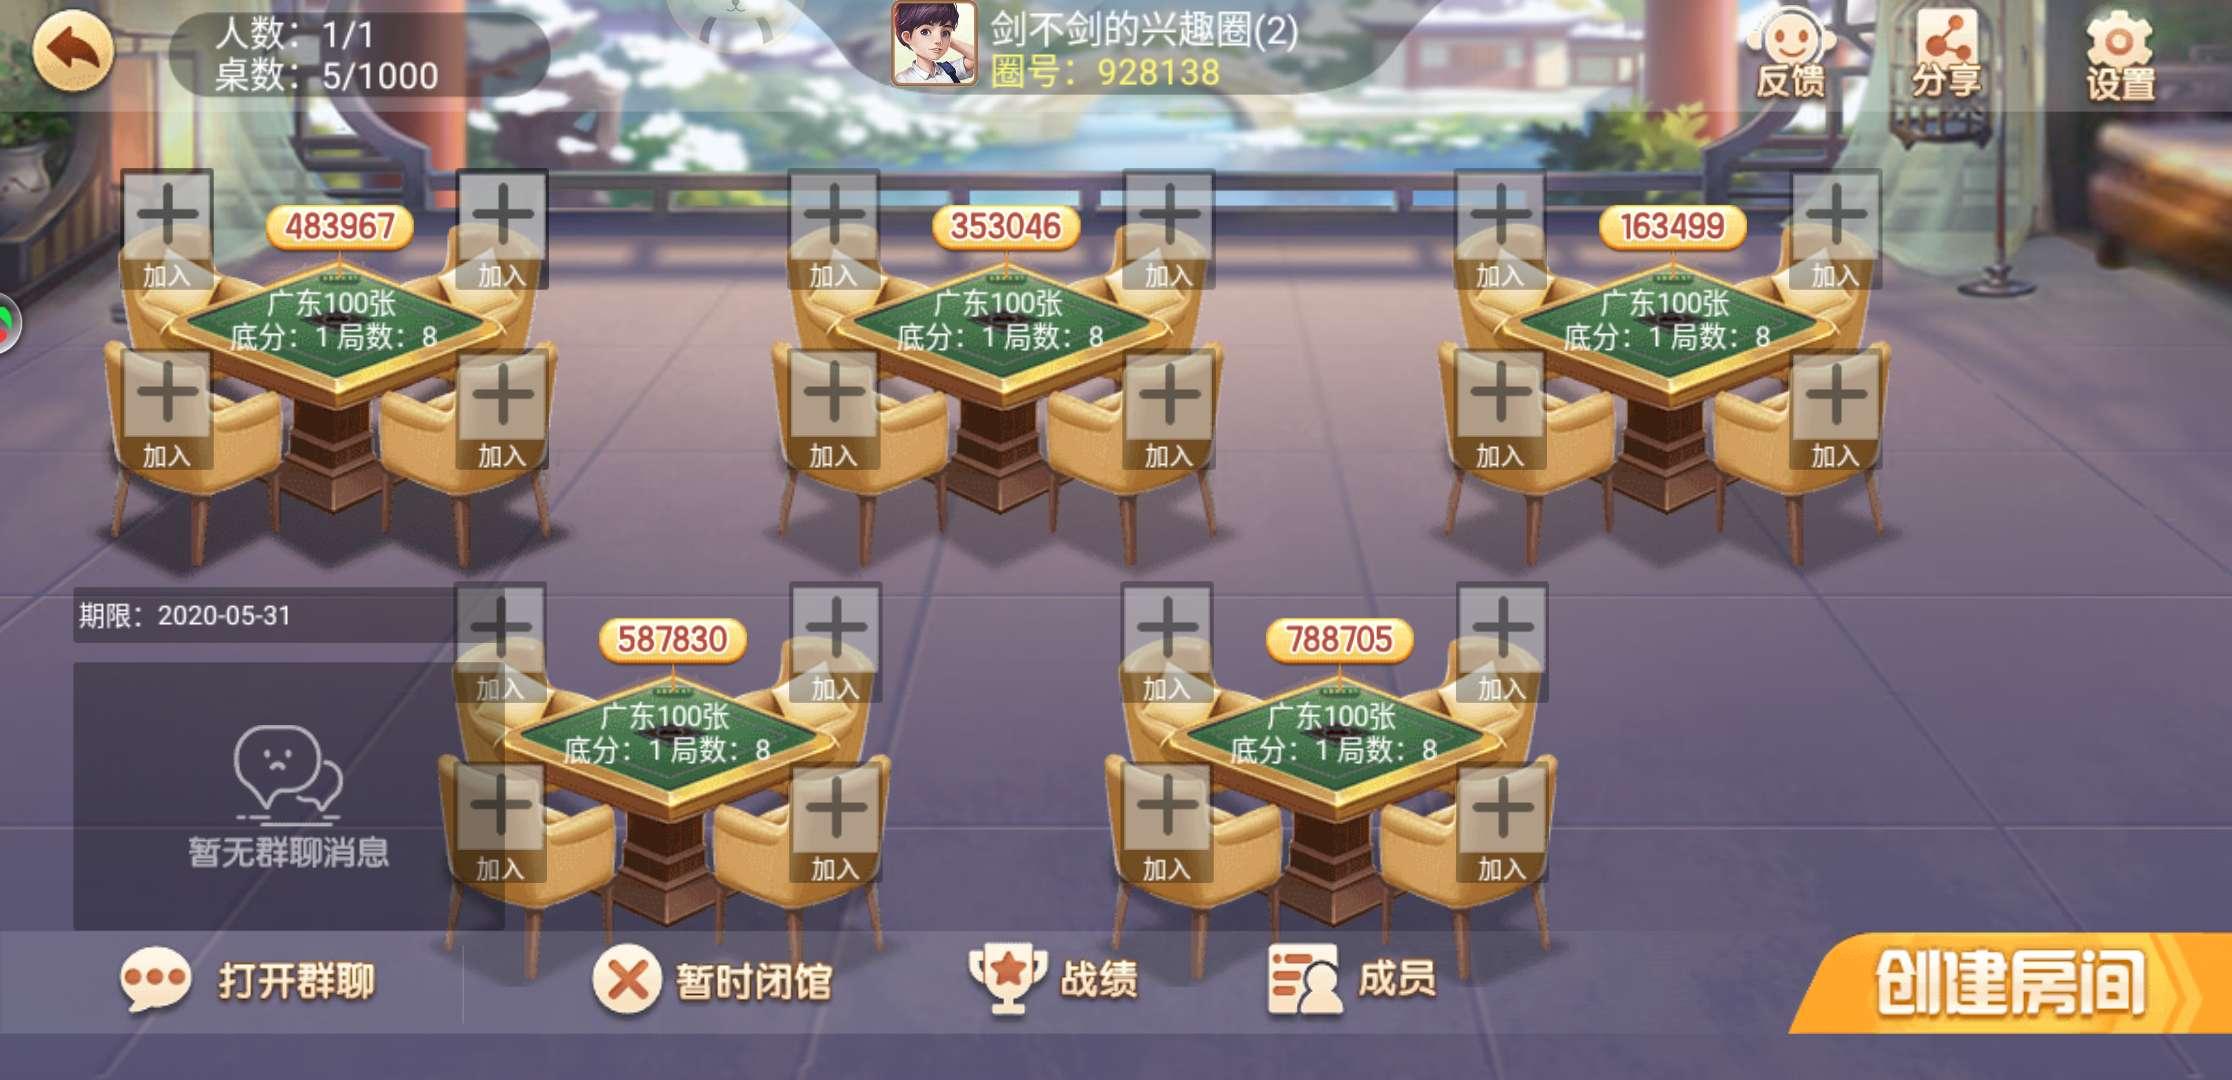 一款好的棋牌游戏开发很重要,但运营更重要!